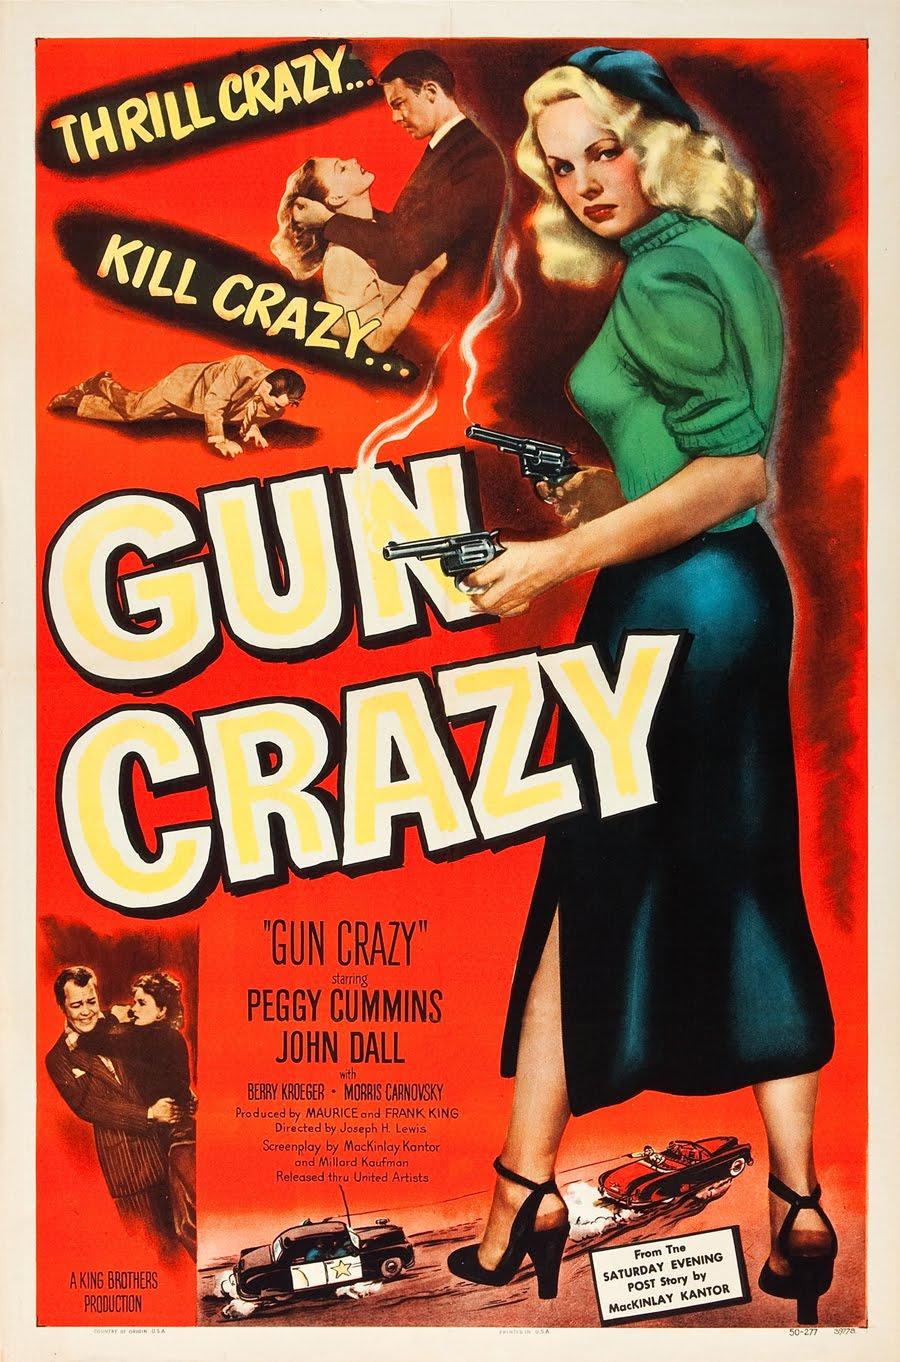 affiche poster film noir cinema 015 102 affiches de films noirs